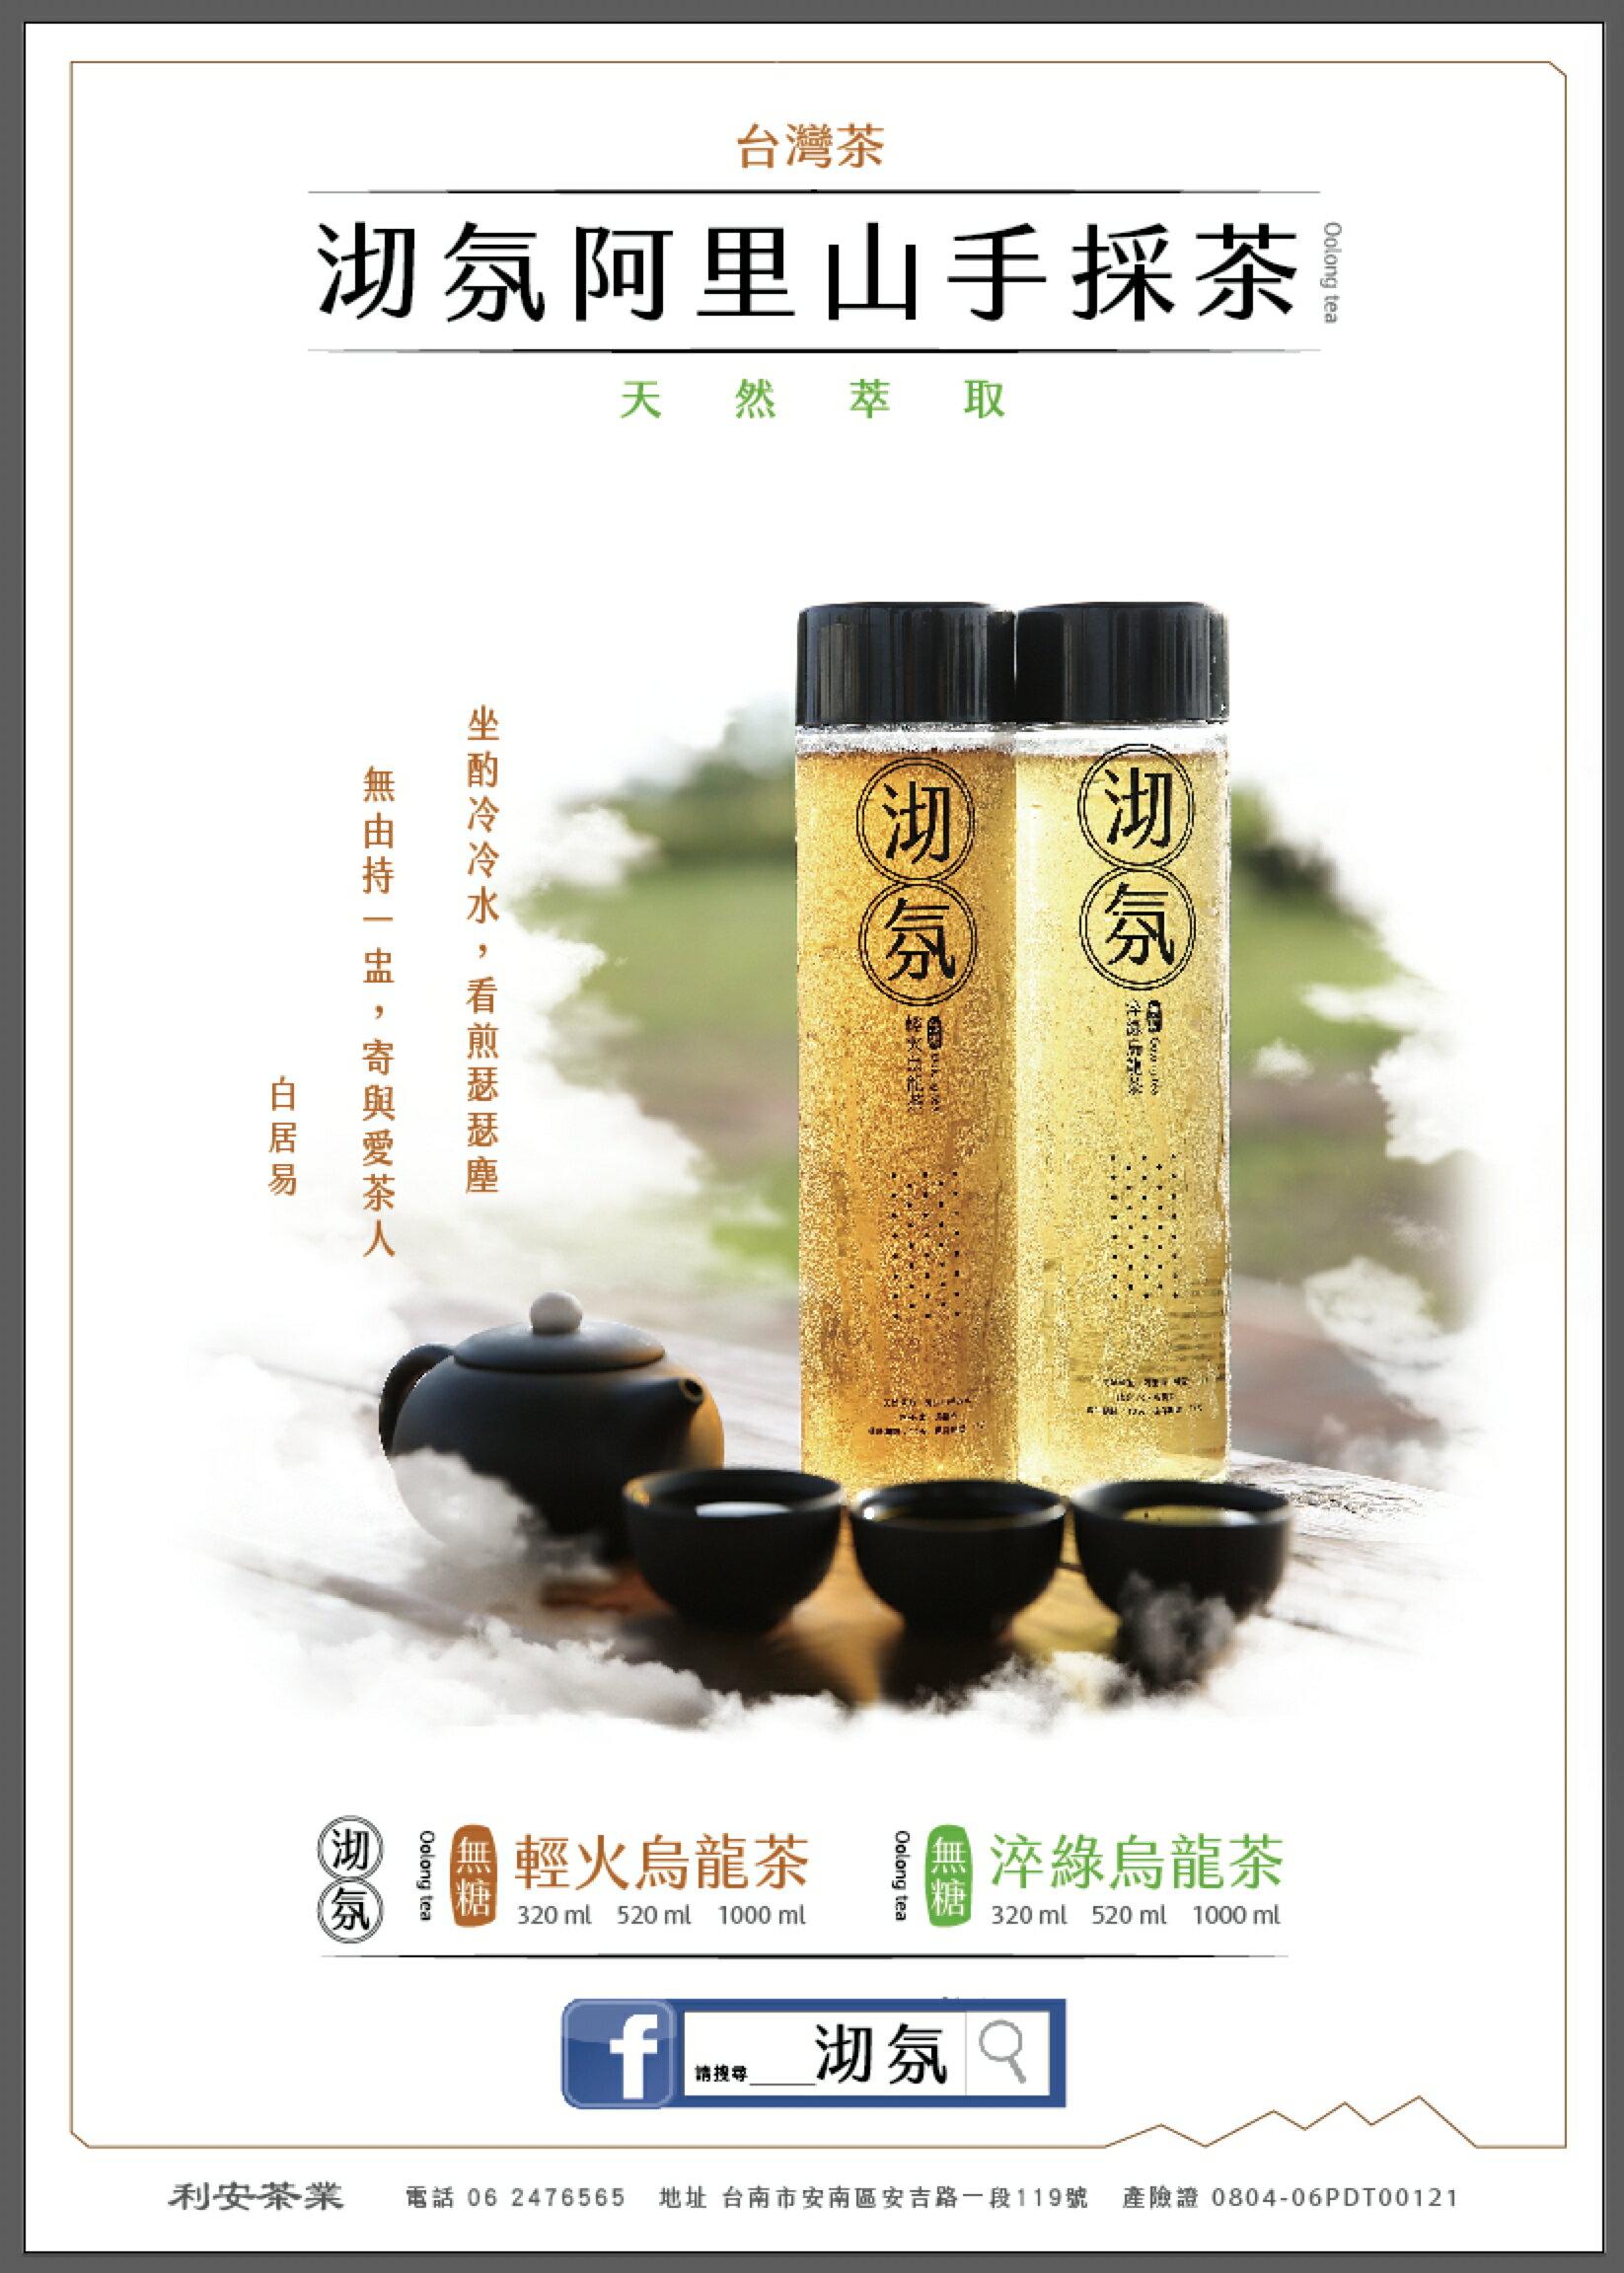 <br/><br/>  開會怎麼能沒有沏氛  《沏氛》愛不釋手瓶(520C.C)-34瓶裝,口味可依喜好搭配(輕火烏龍茶、淬綠烏龍茶)<br/><br/>